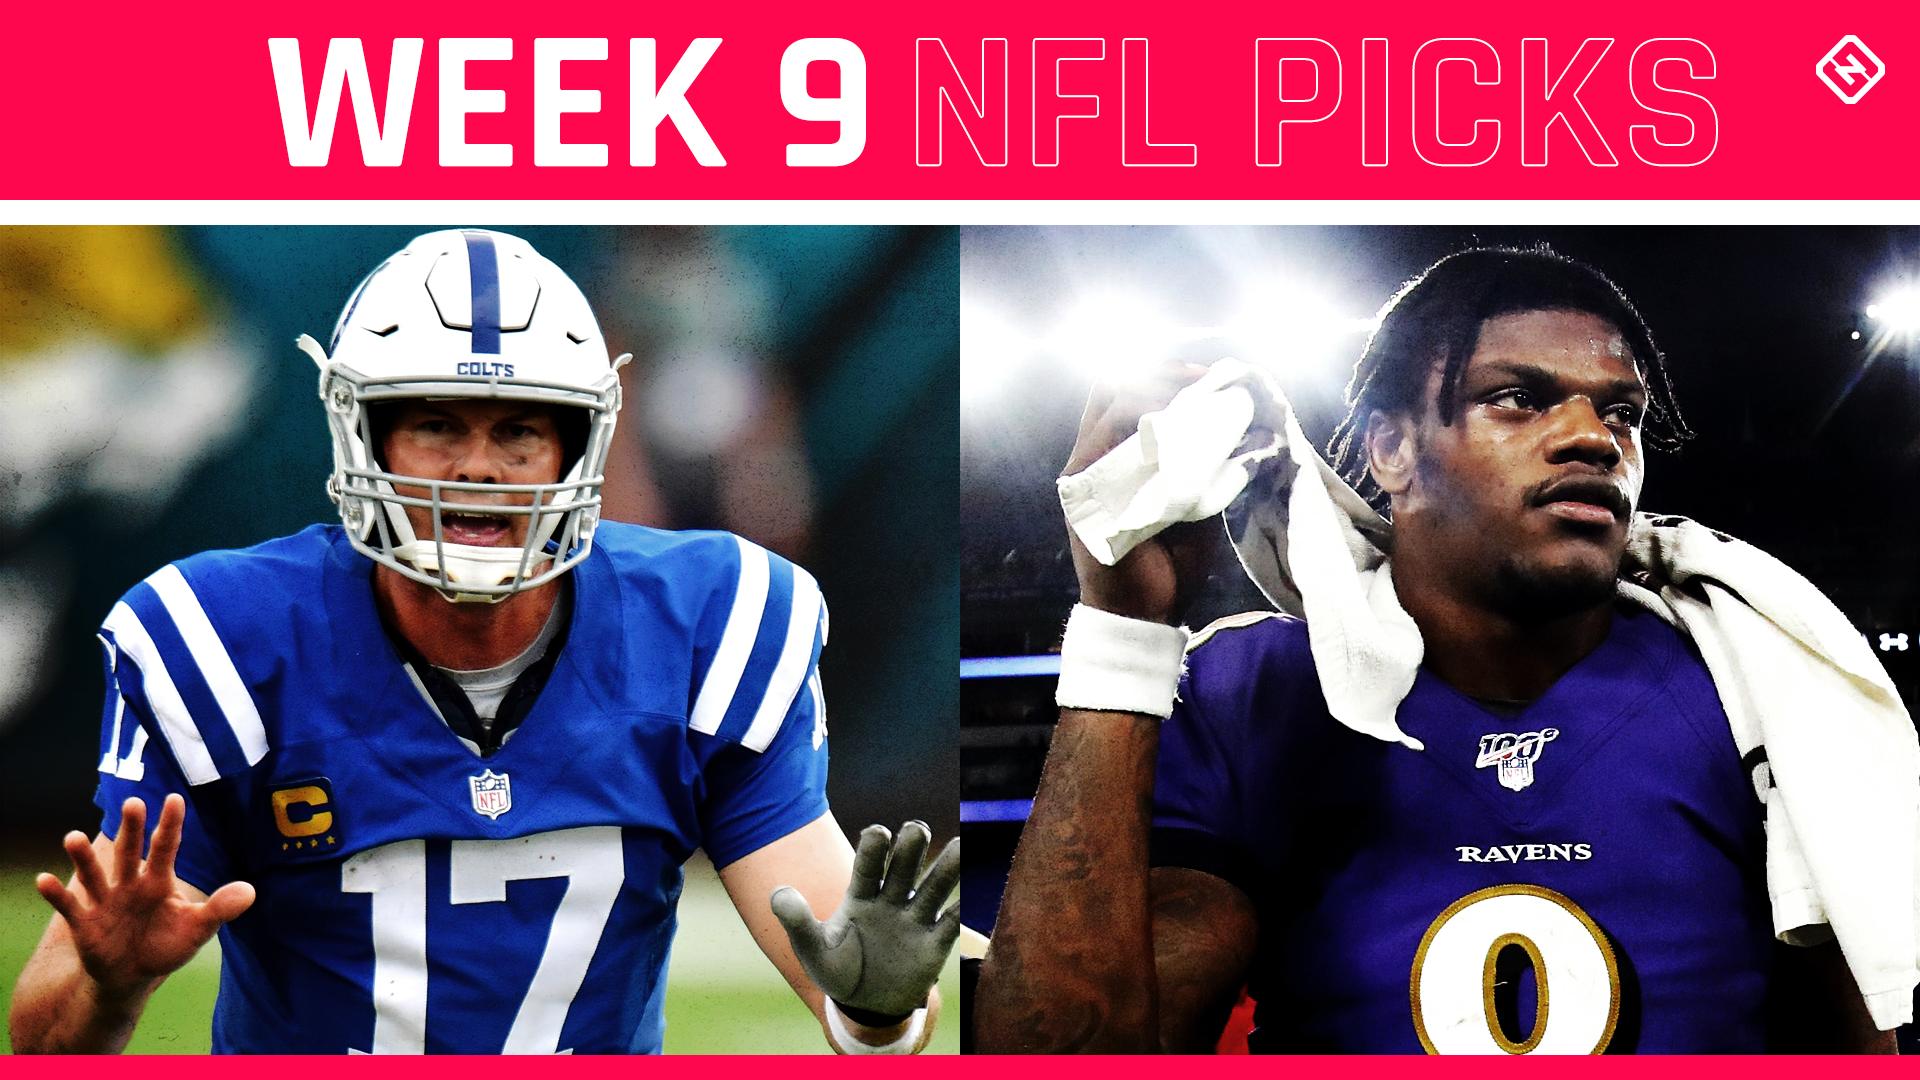 Escolhas da NFL, previsões para a Semana 9: Rebote dos Packers vs. 49ers;  Colts ficam quentes;  Tua leva golfinhos chateados